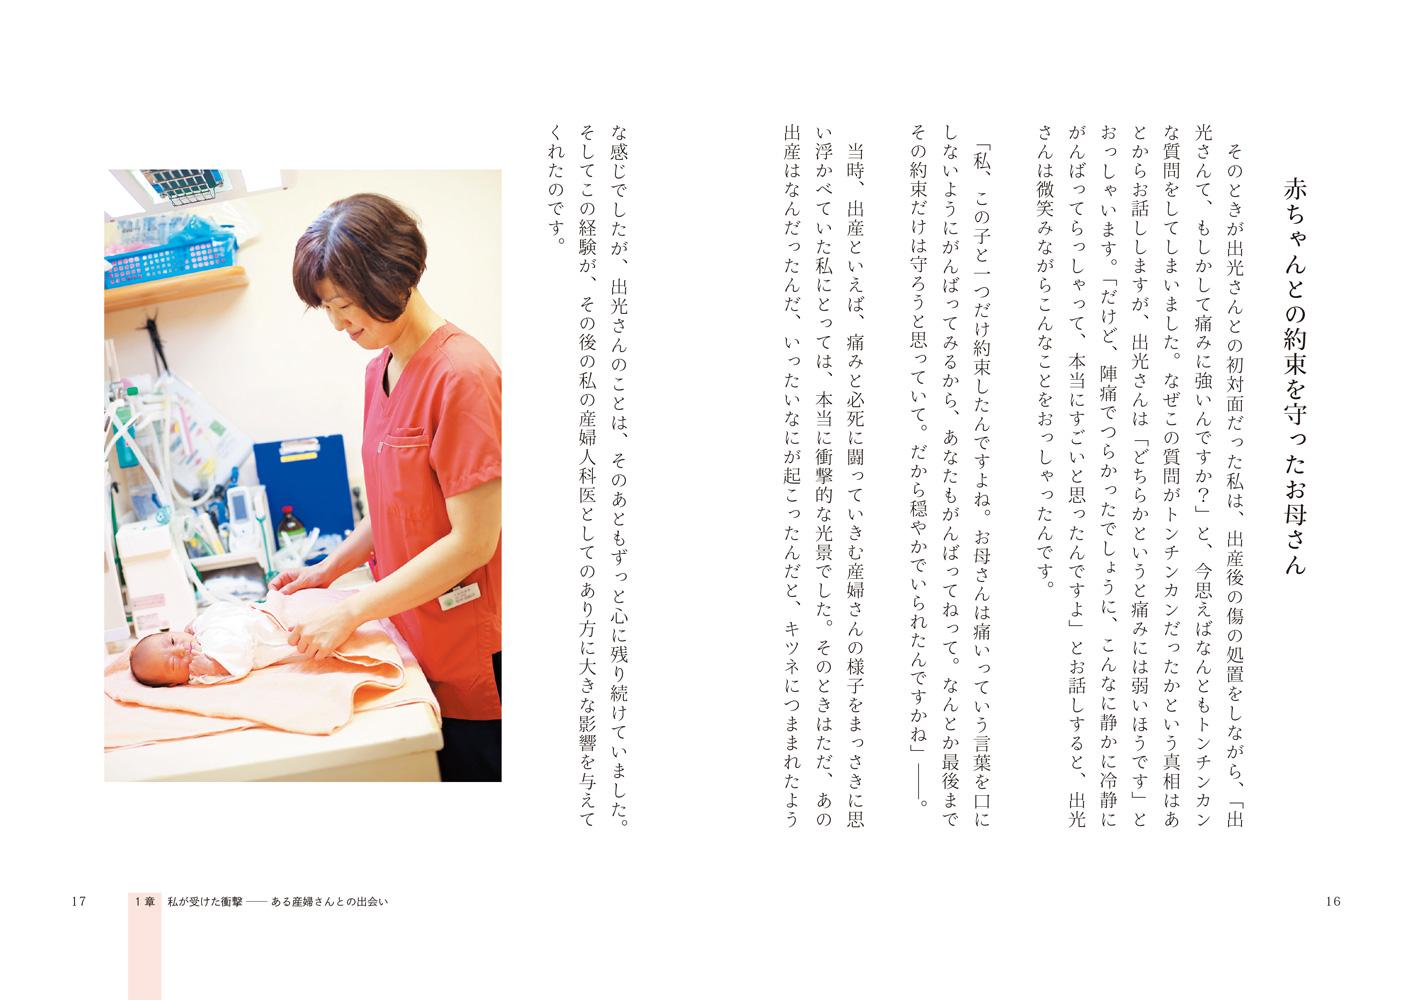 『「母性スイッチ」で最高の出産を』ページサンプル1